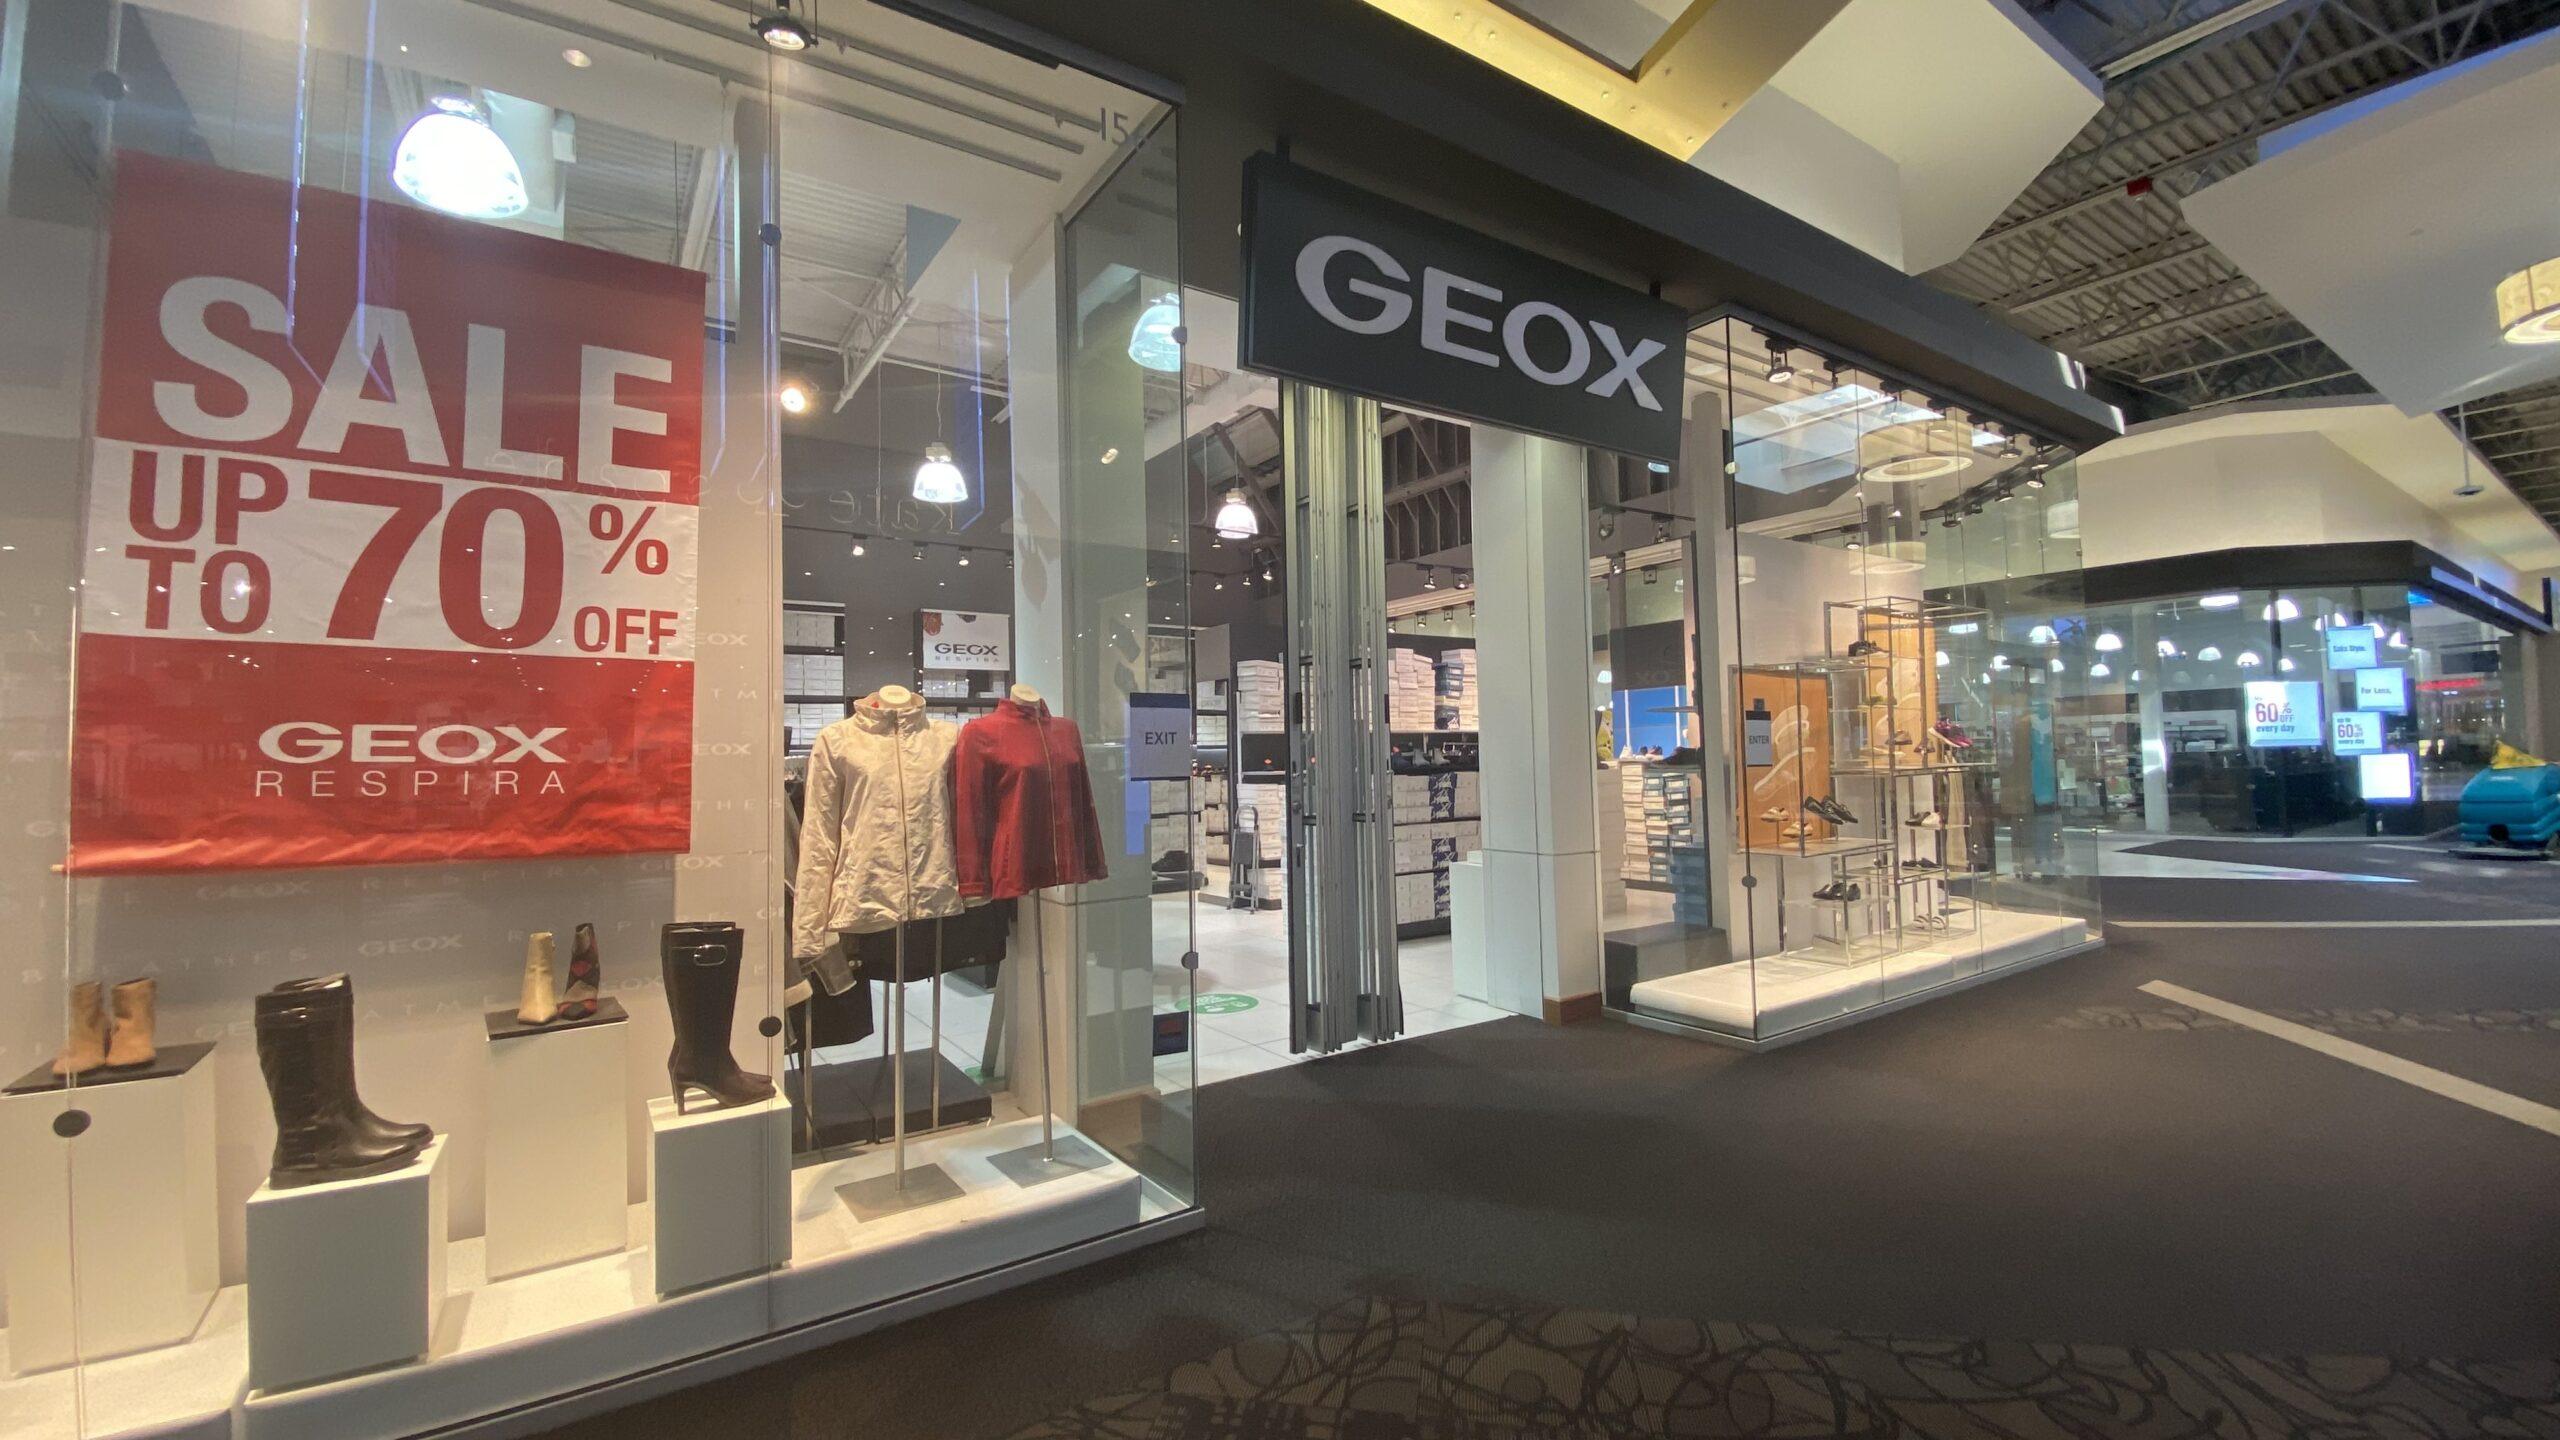 Geox at CrossIron Mills